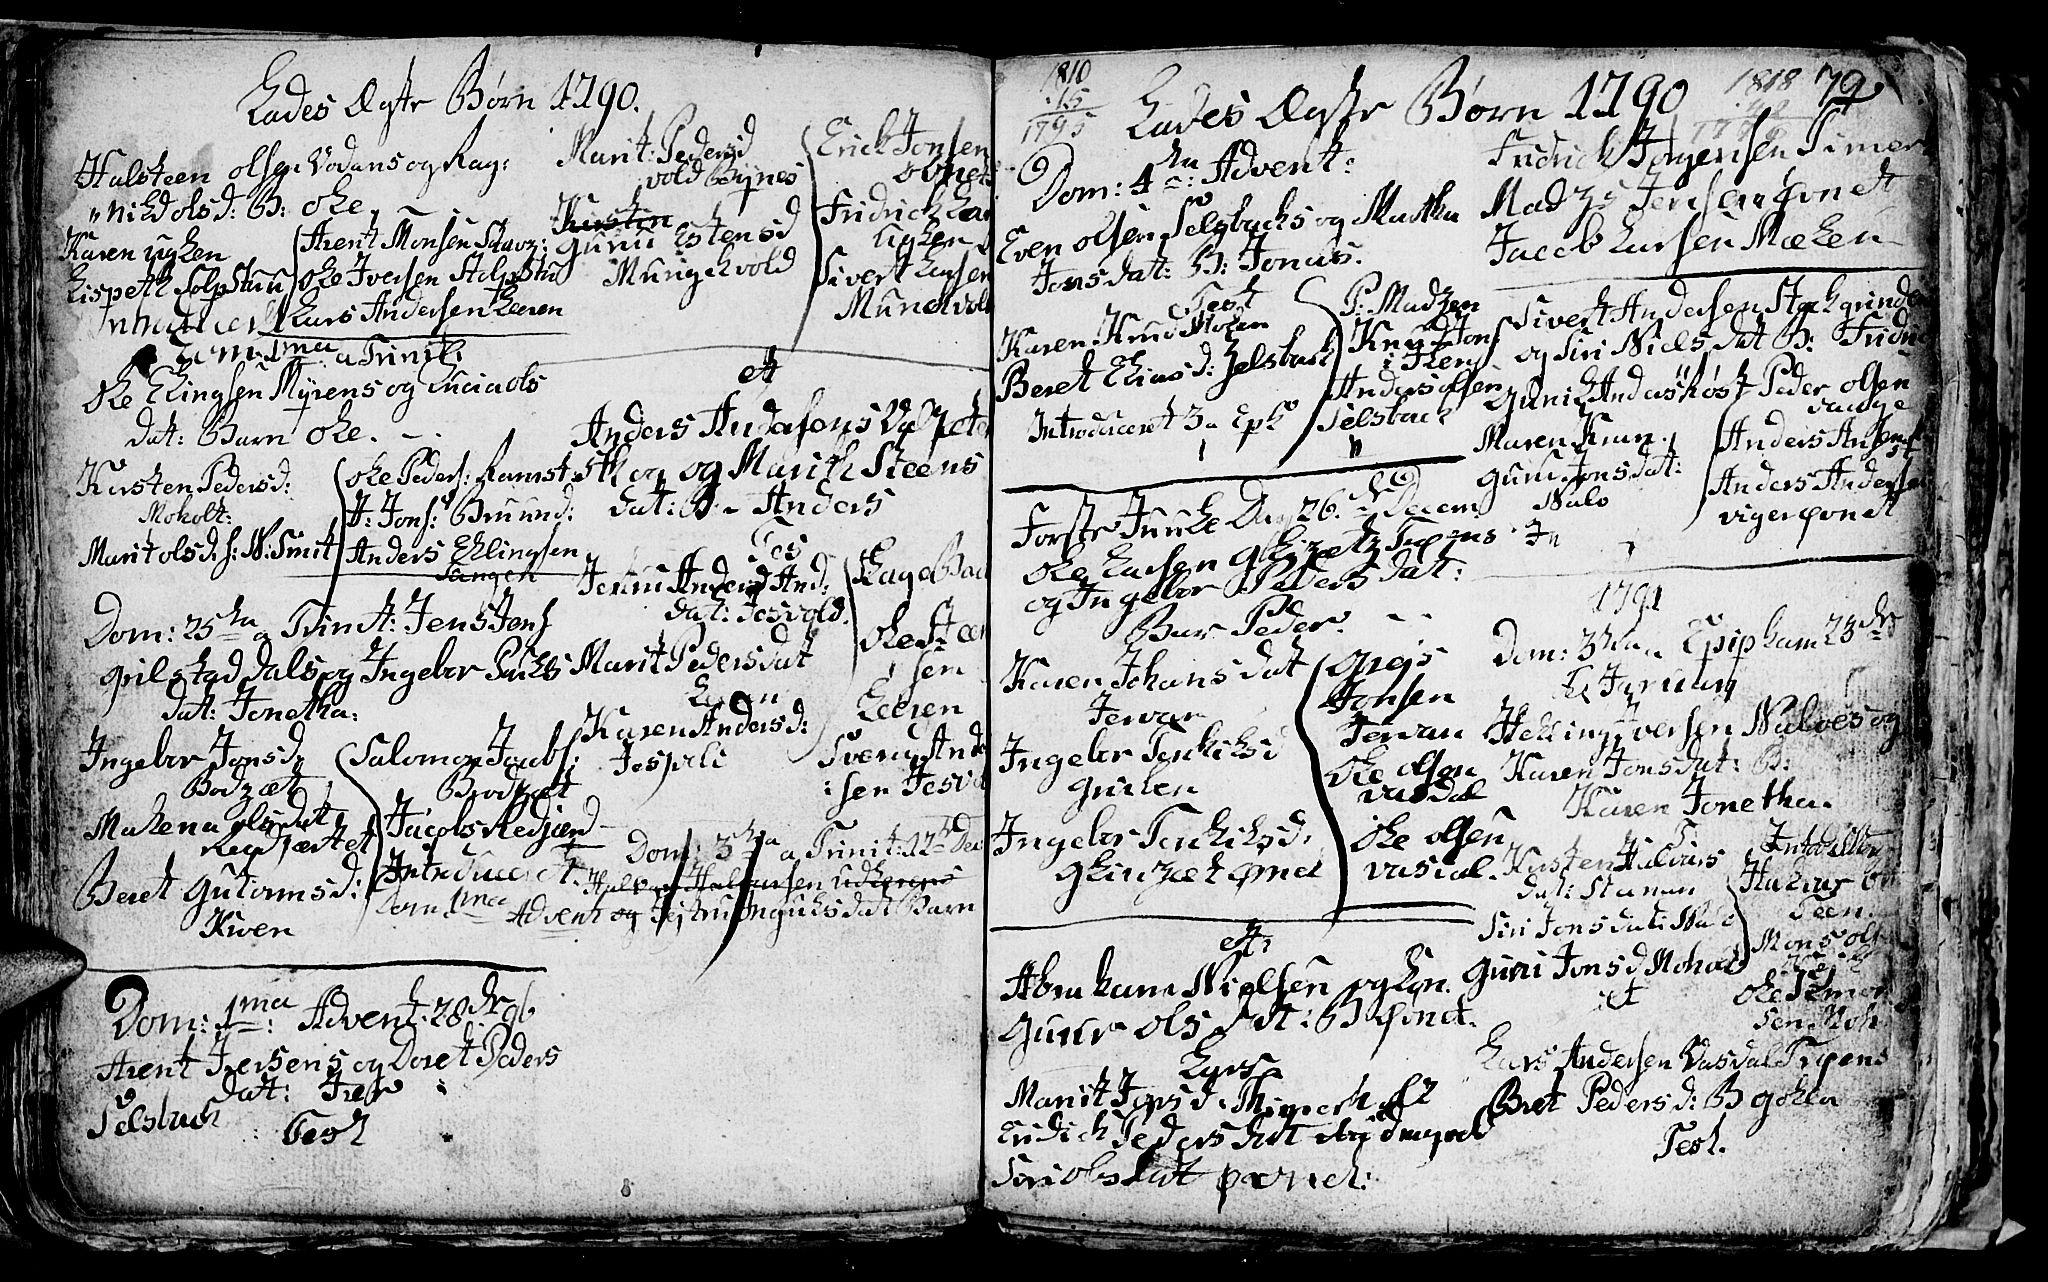 SAT, Ministerialprotokoller, klokkerbøker og fødselsregistre - Sør-Trøndelag, 606/L0305: Klokkerbok nr. 606C01, 1757-1819, s. 79